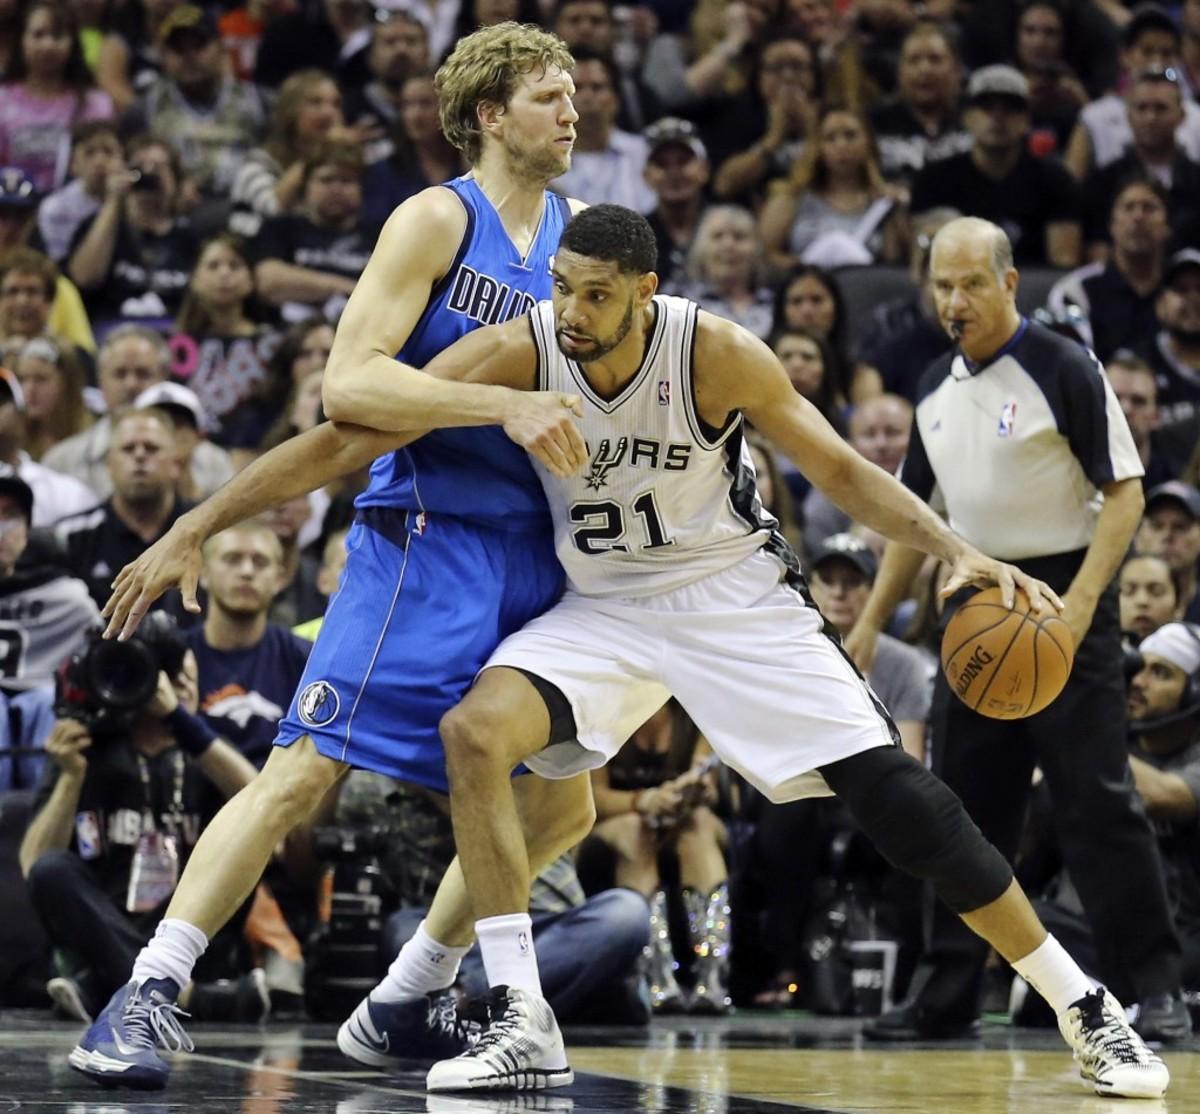 Tim Duncan vs. Dirk Nowitzki